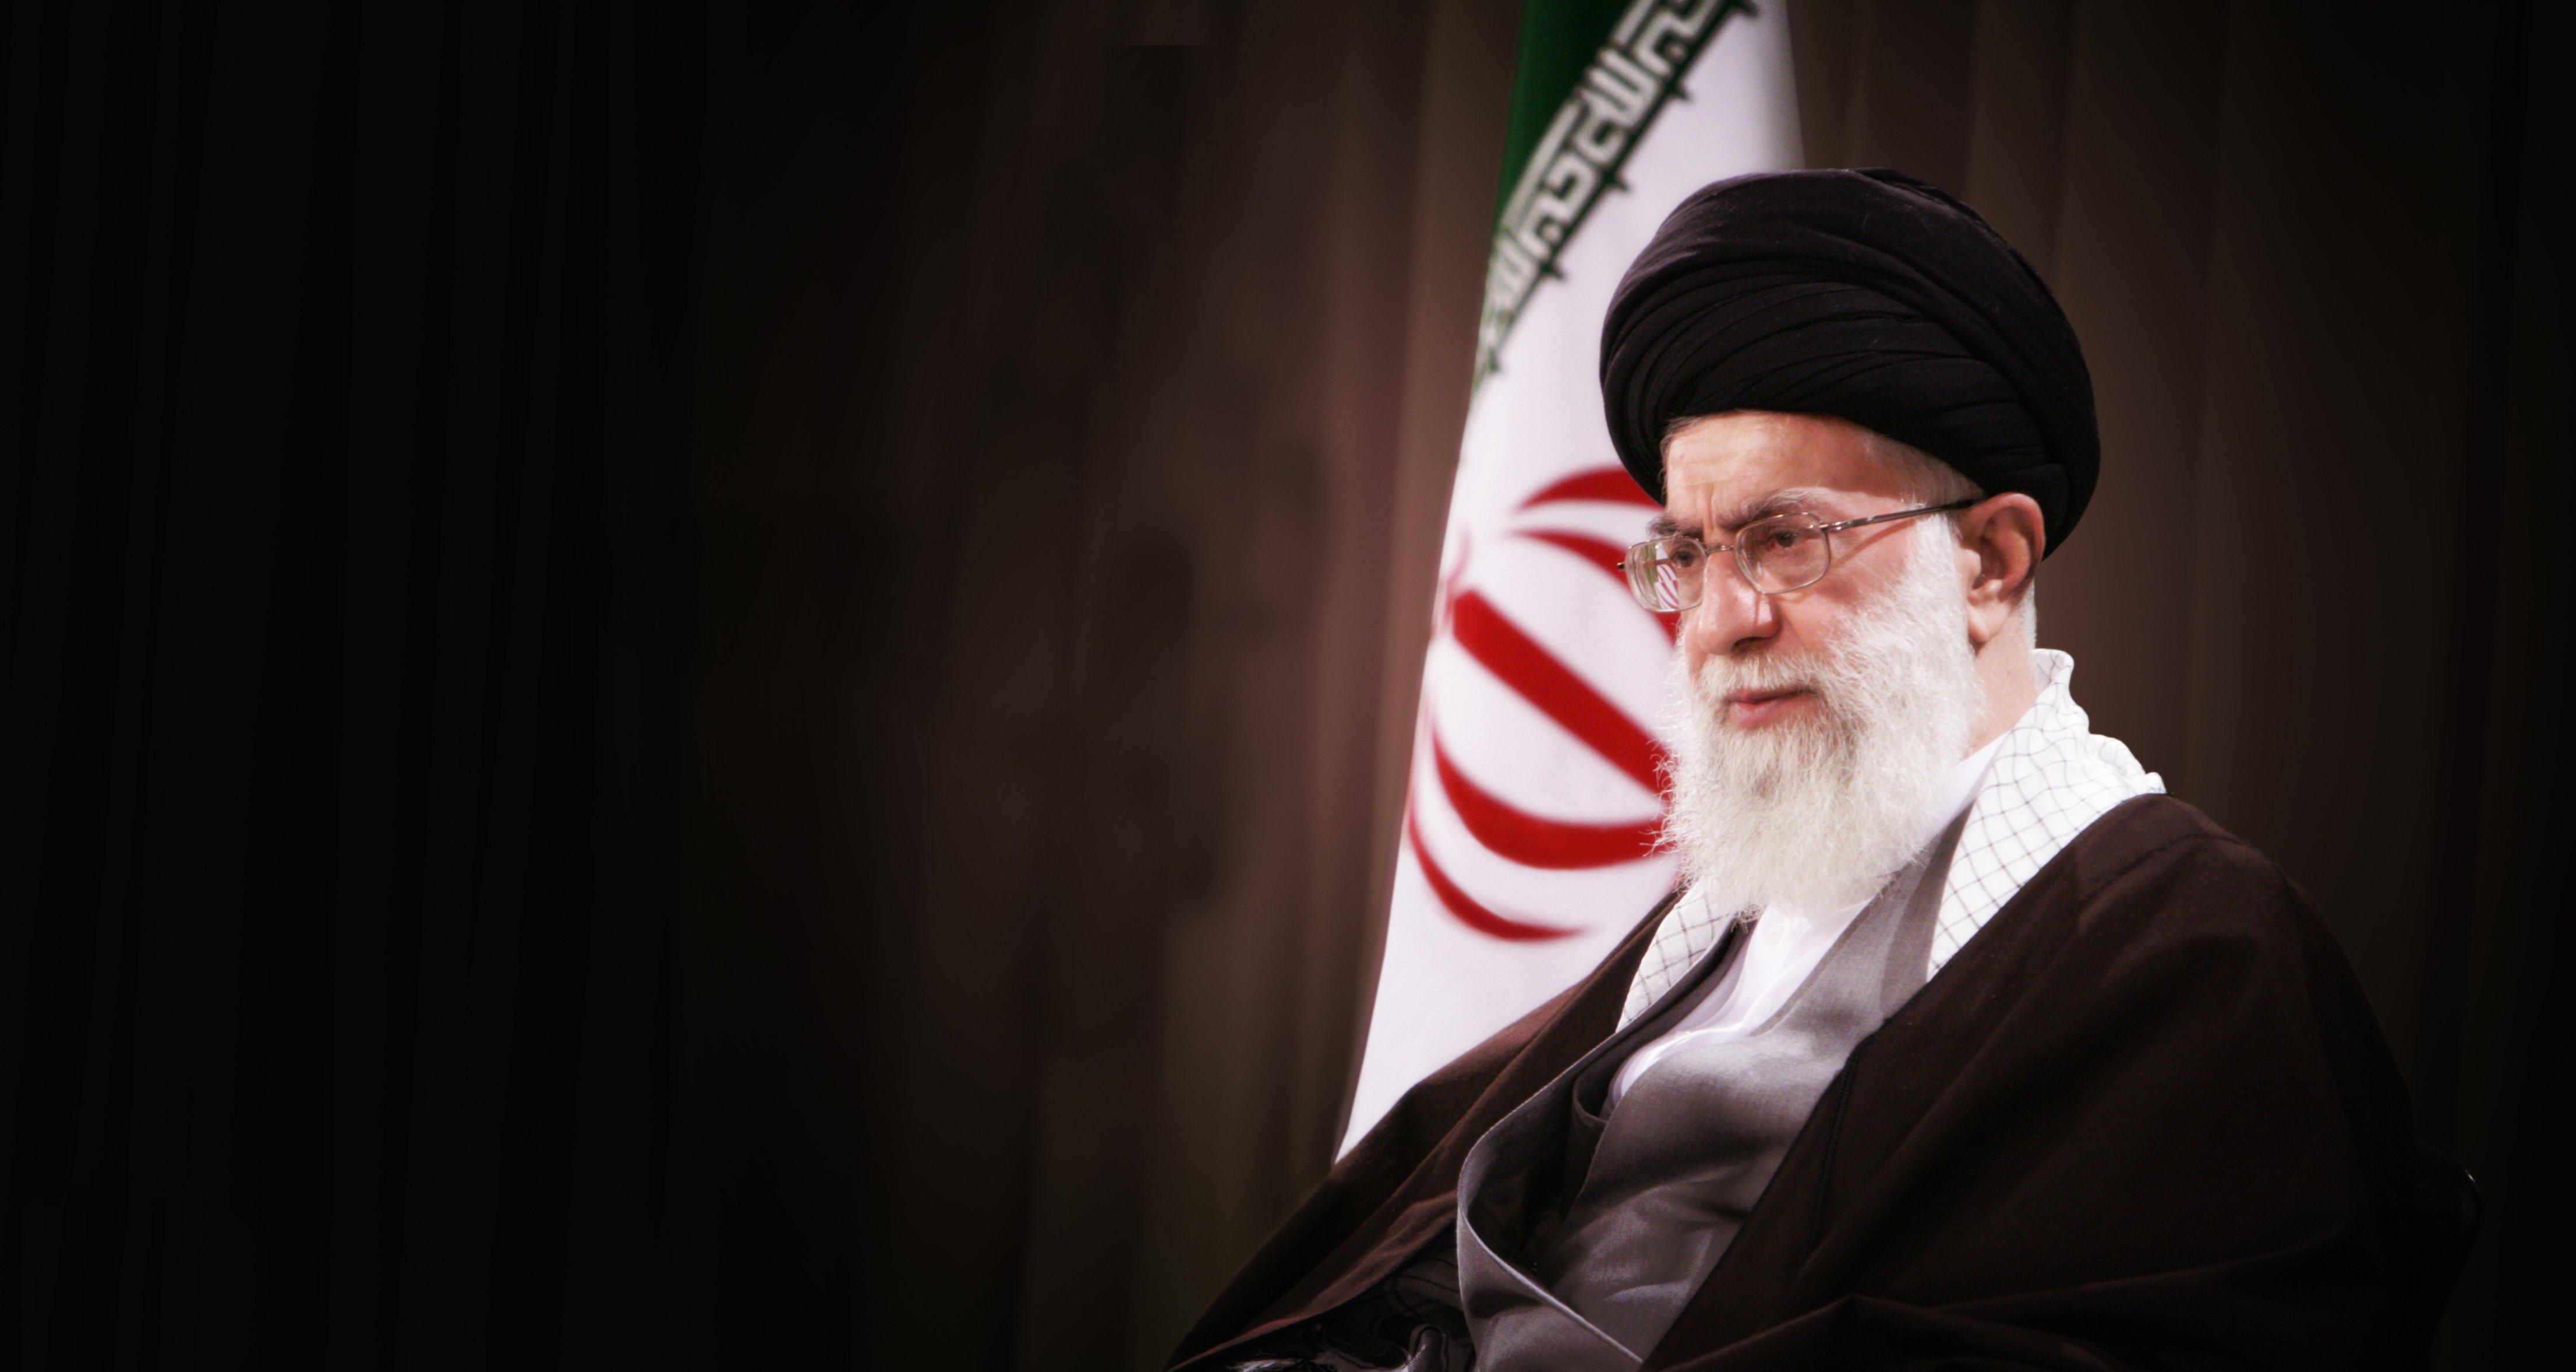 پیام رهبر معظم انقلاب در پی حادثه سیل ویرانگر در استانهای گلستان و مازندران